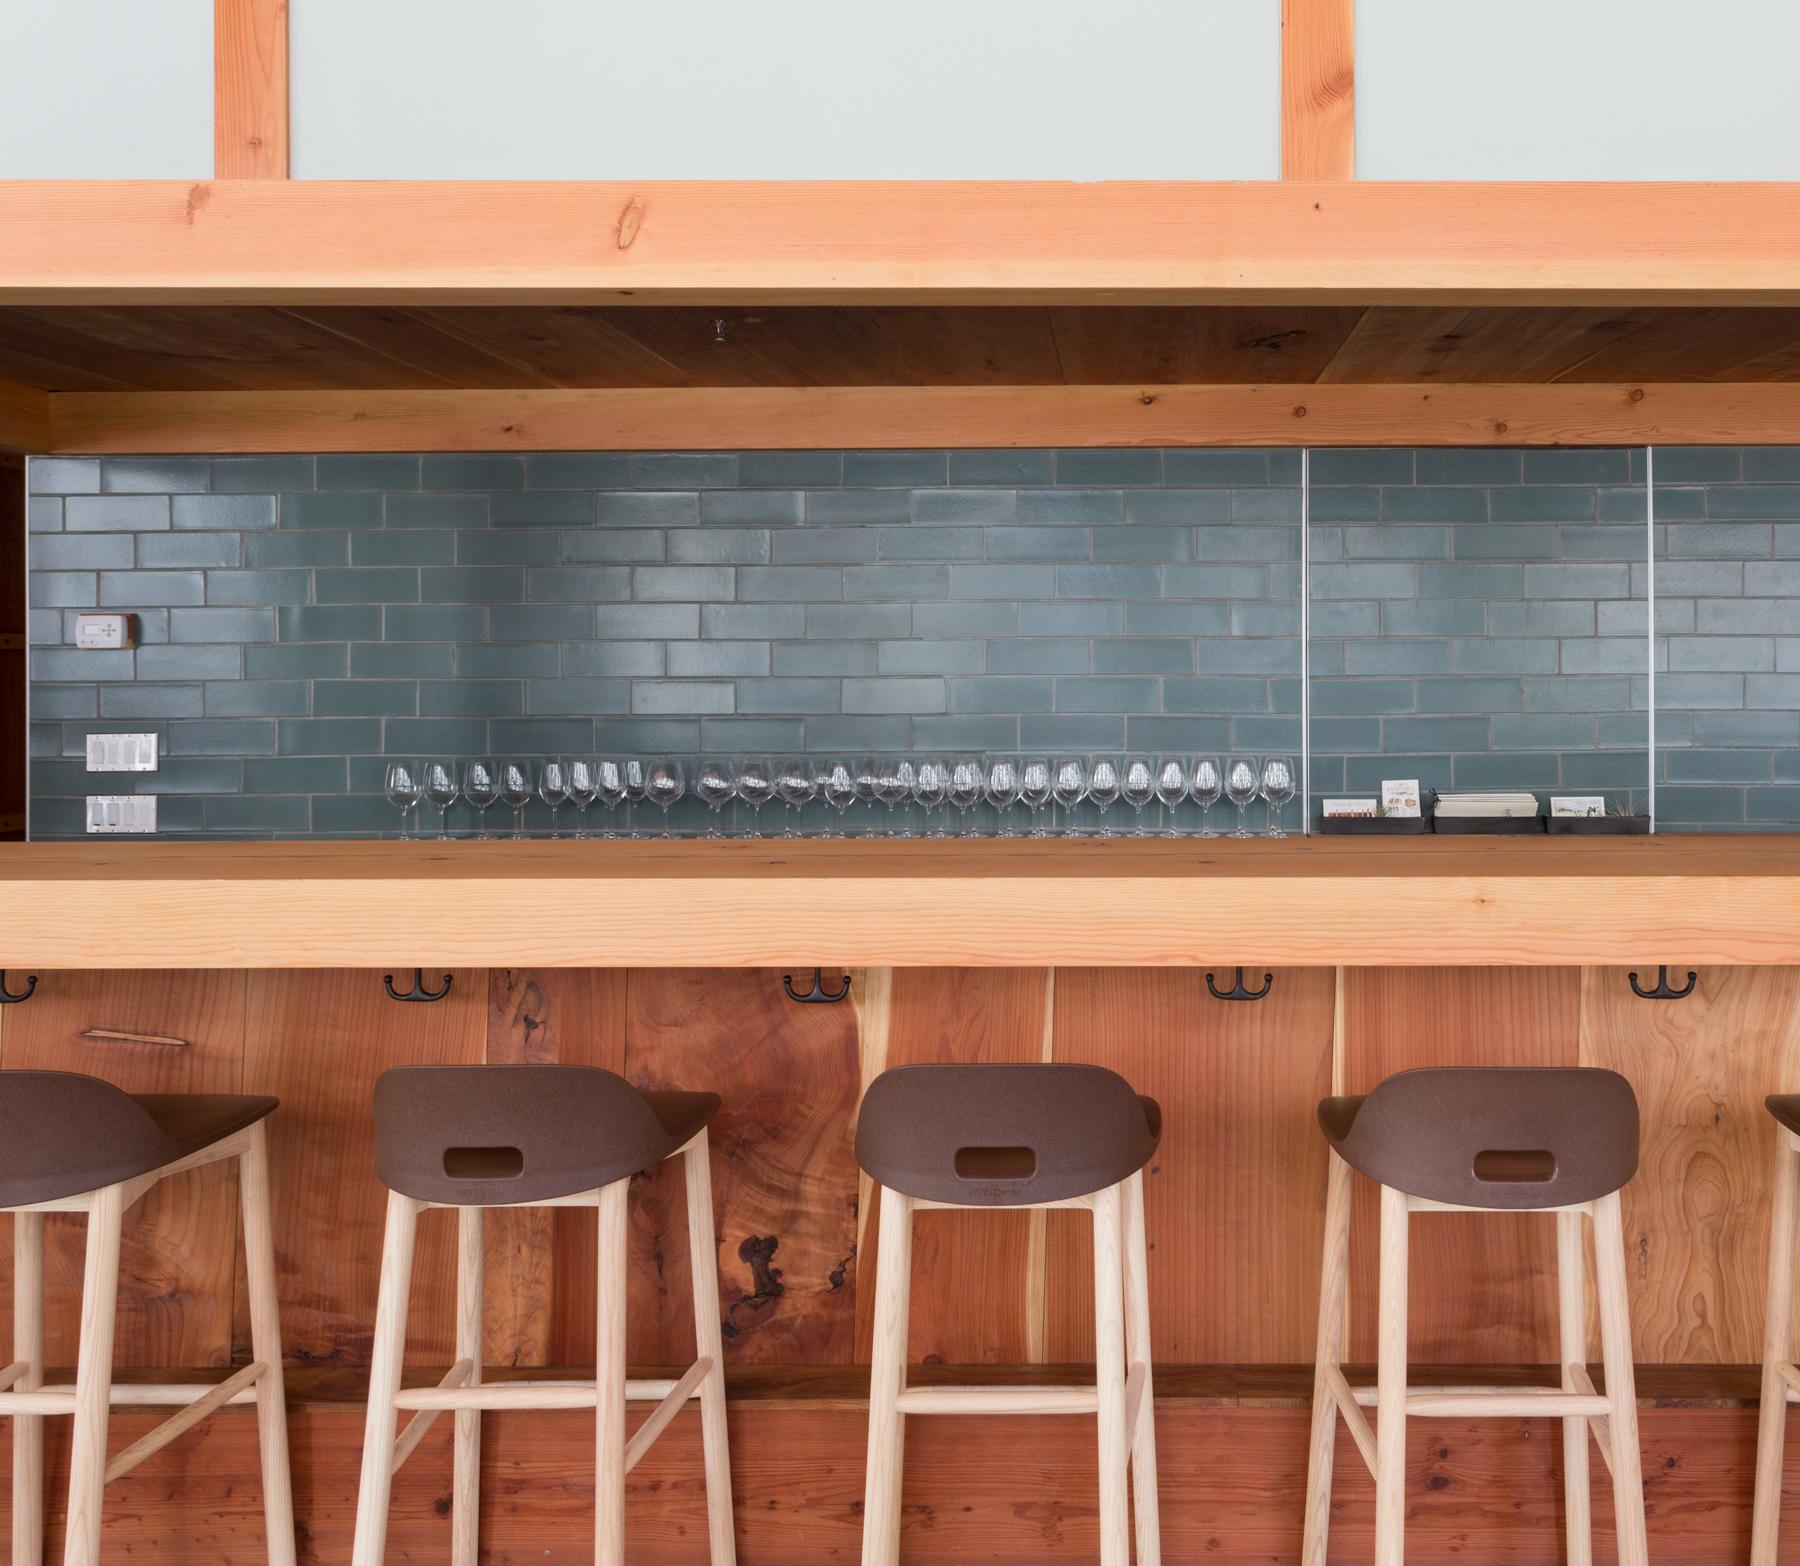 4x12__Bar__Commercial__Flagstone__Offset__restaurant__The_Perennial-3.jpg?mtime=20180515190420#asset:220382